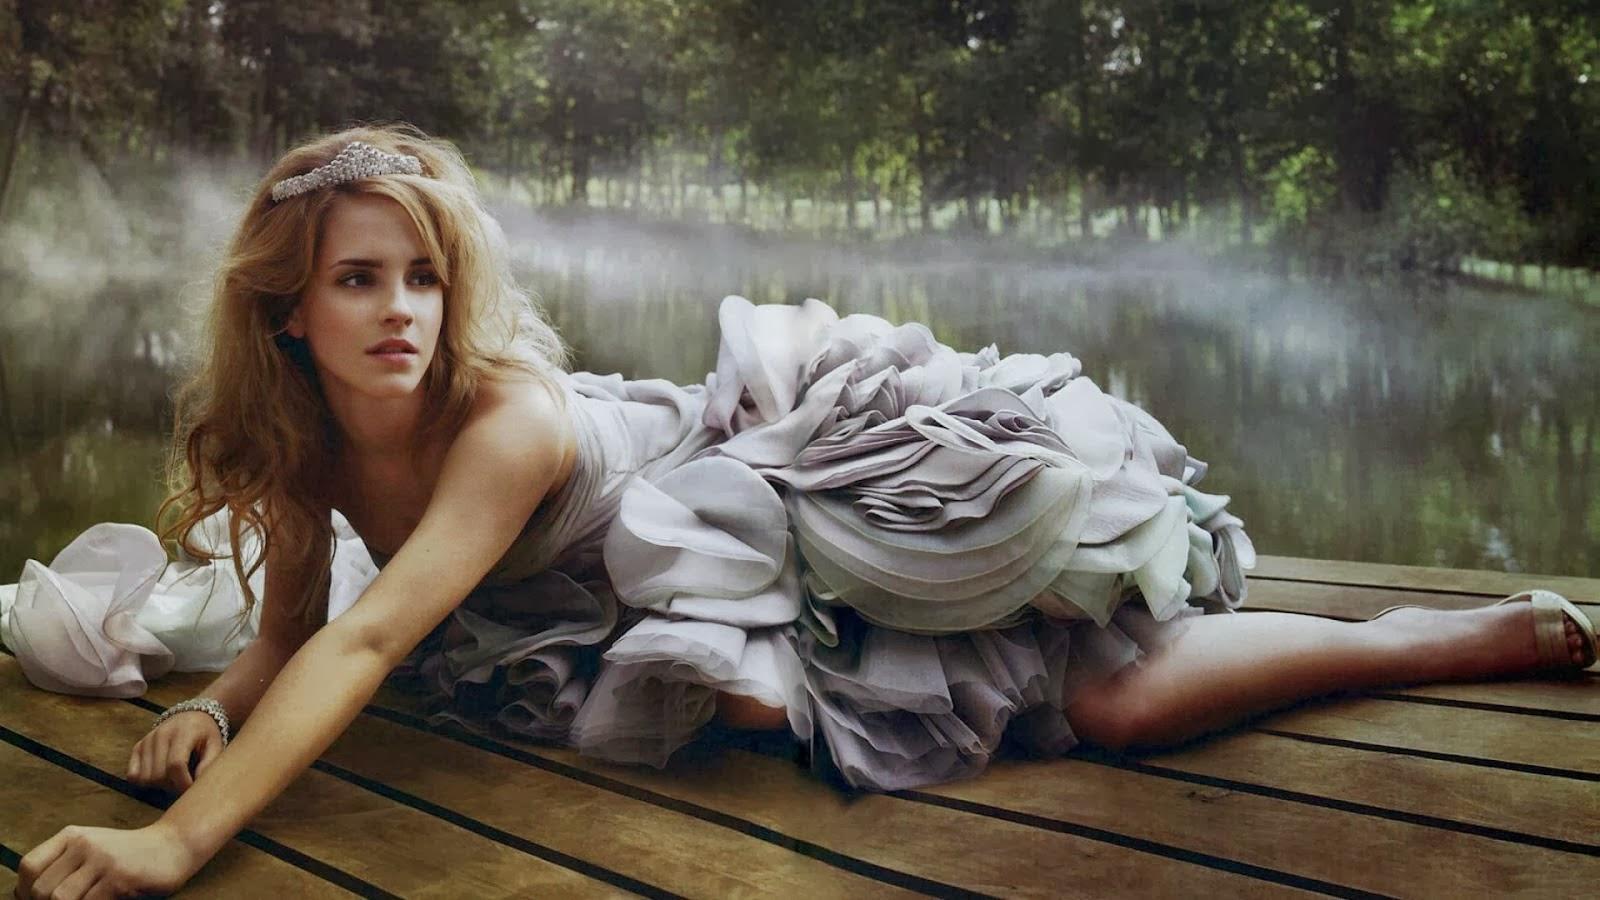 Emma Watson See Through (10 Photos) - Yolo Celebs